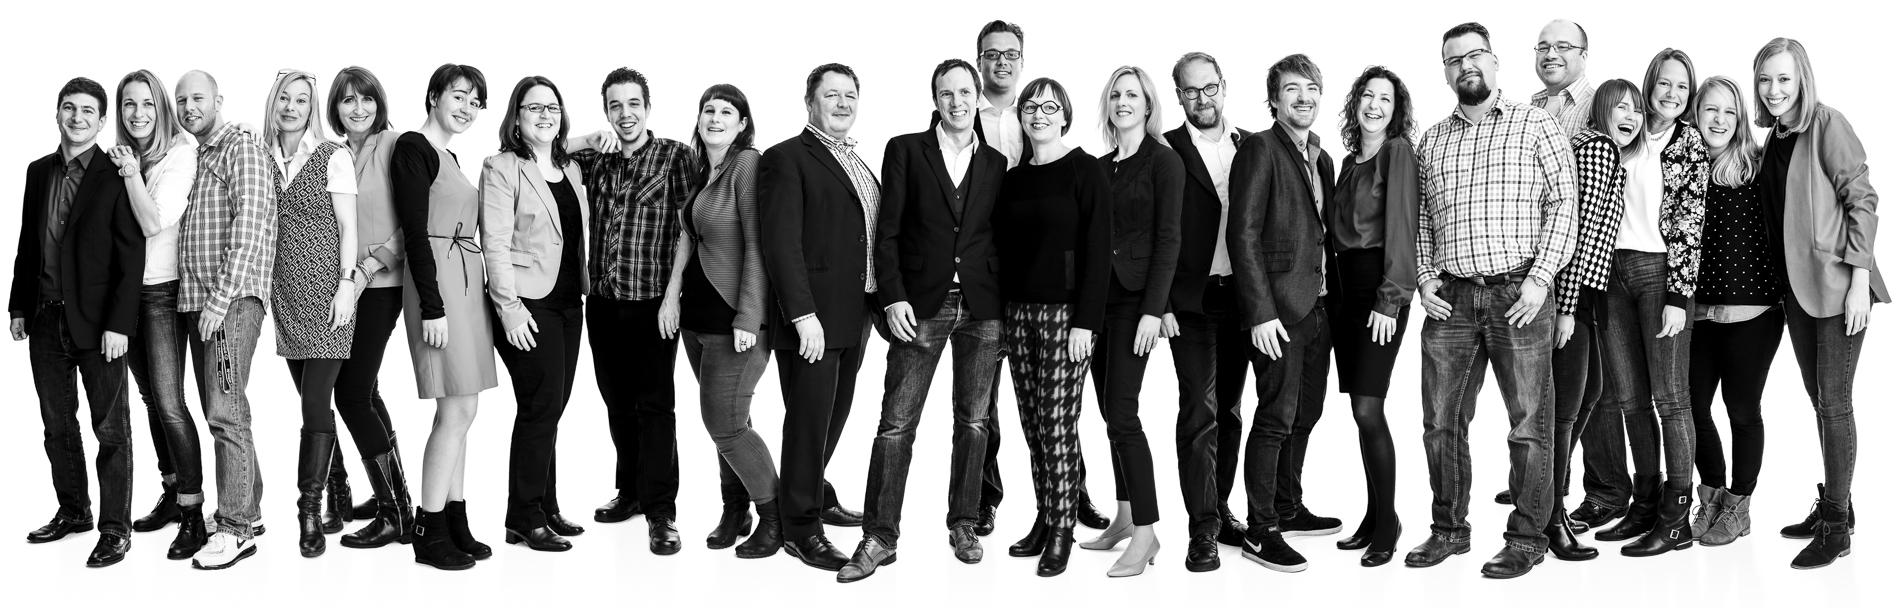 Businessphotography-Mitarbeiterportrait, großes Teamfoto im Studio